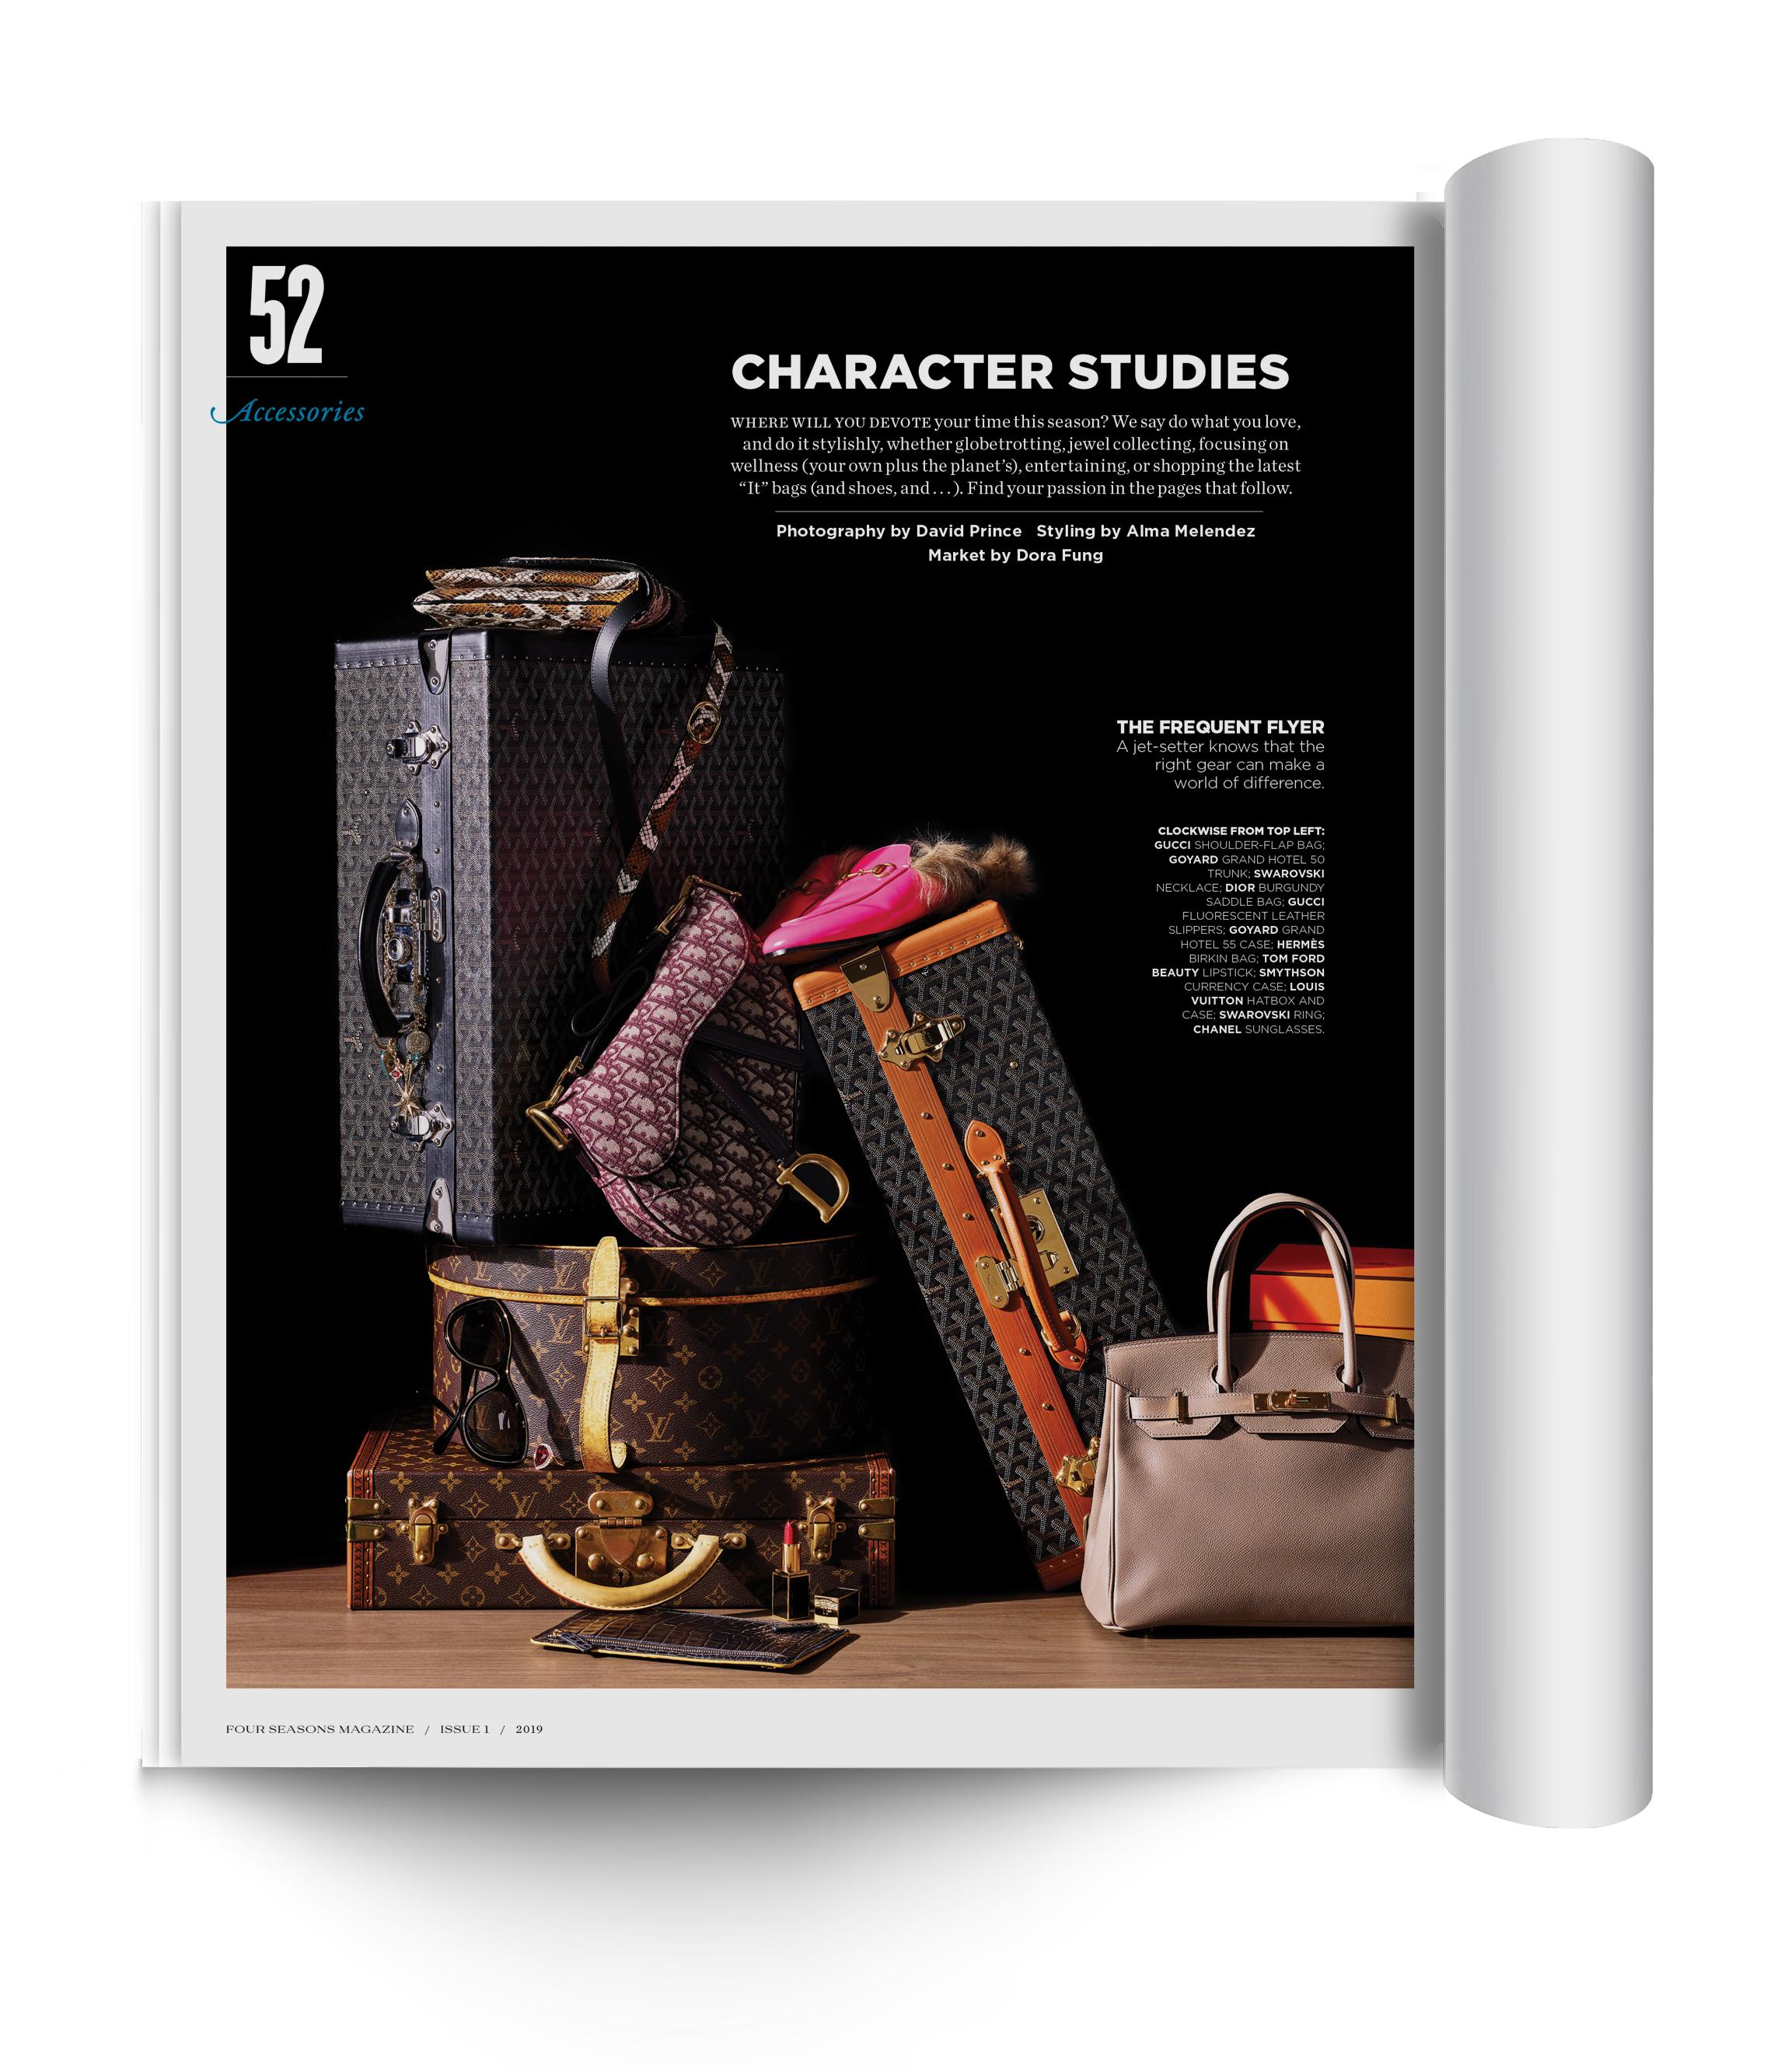 characterstudies01.jpg